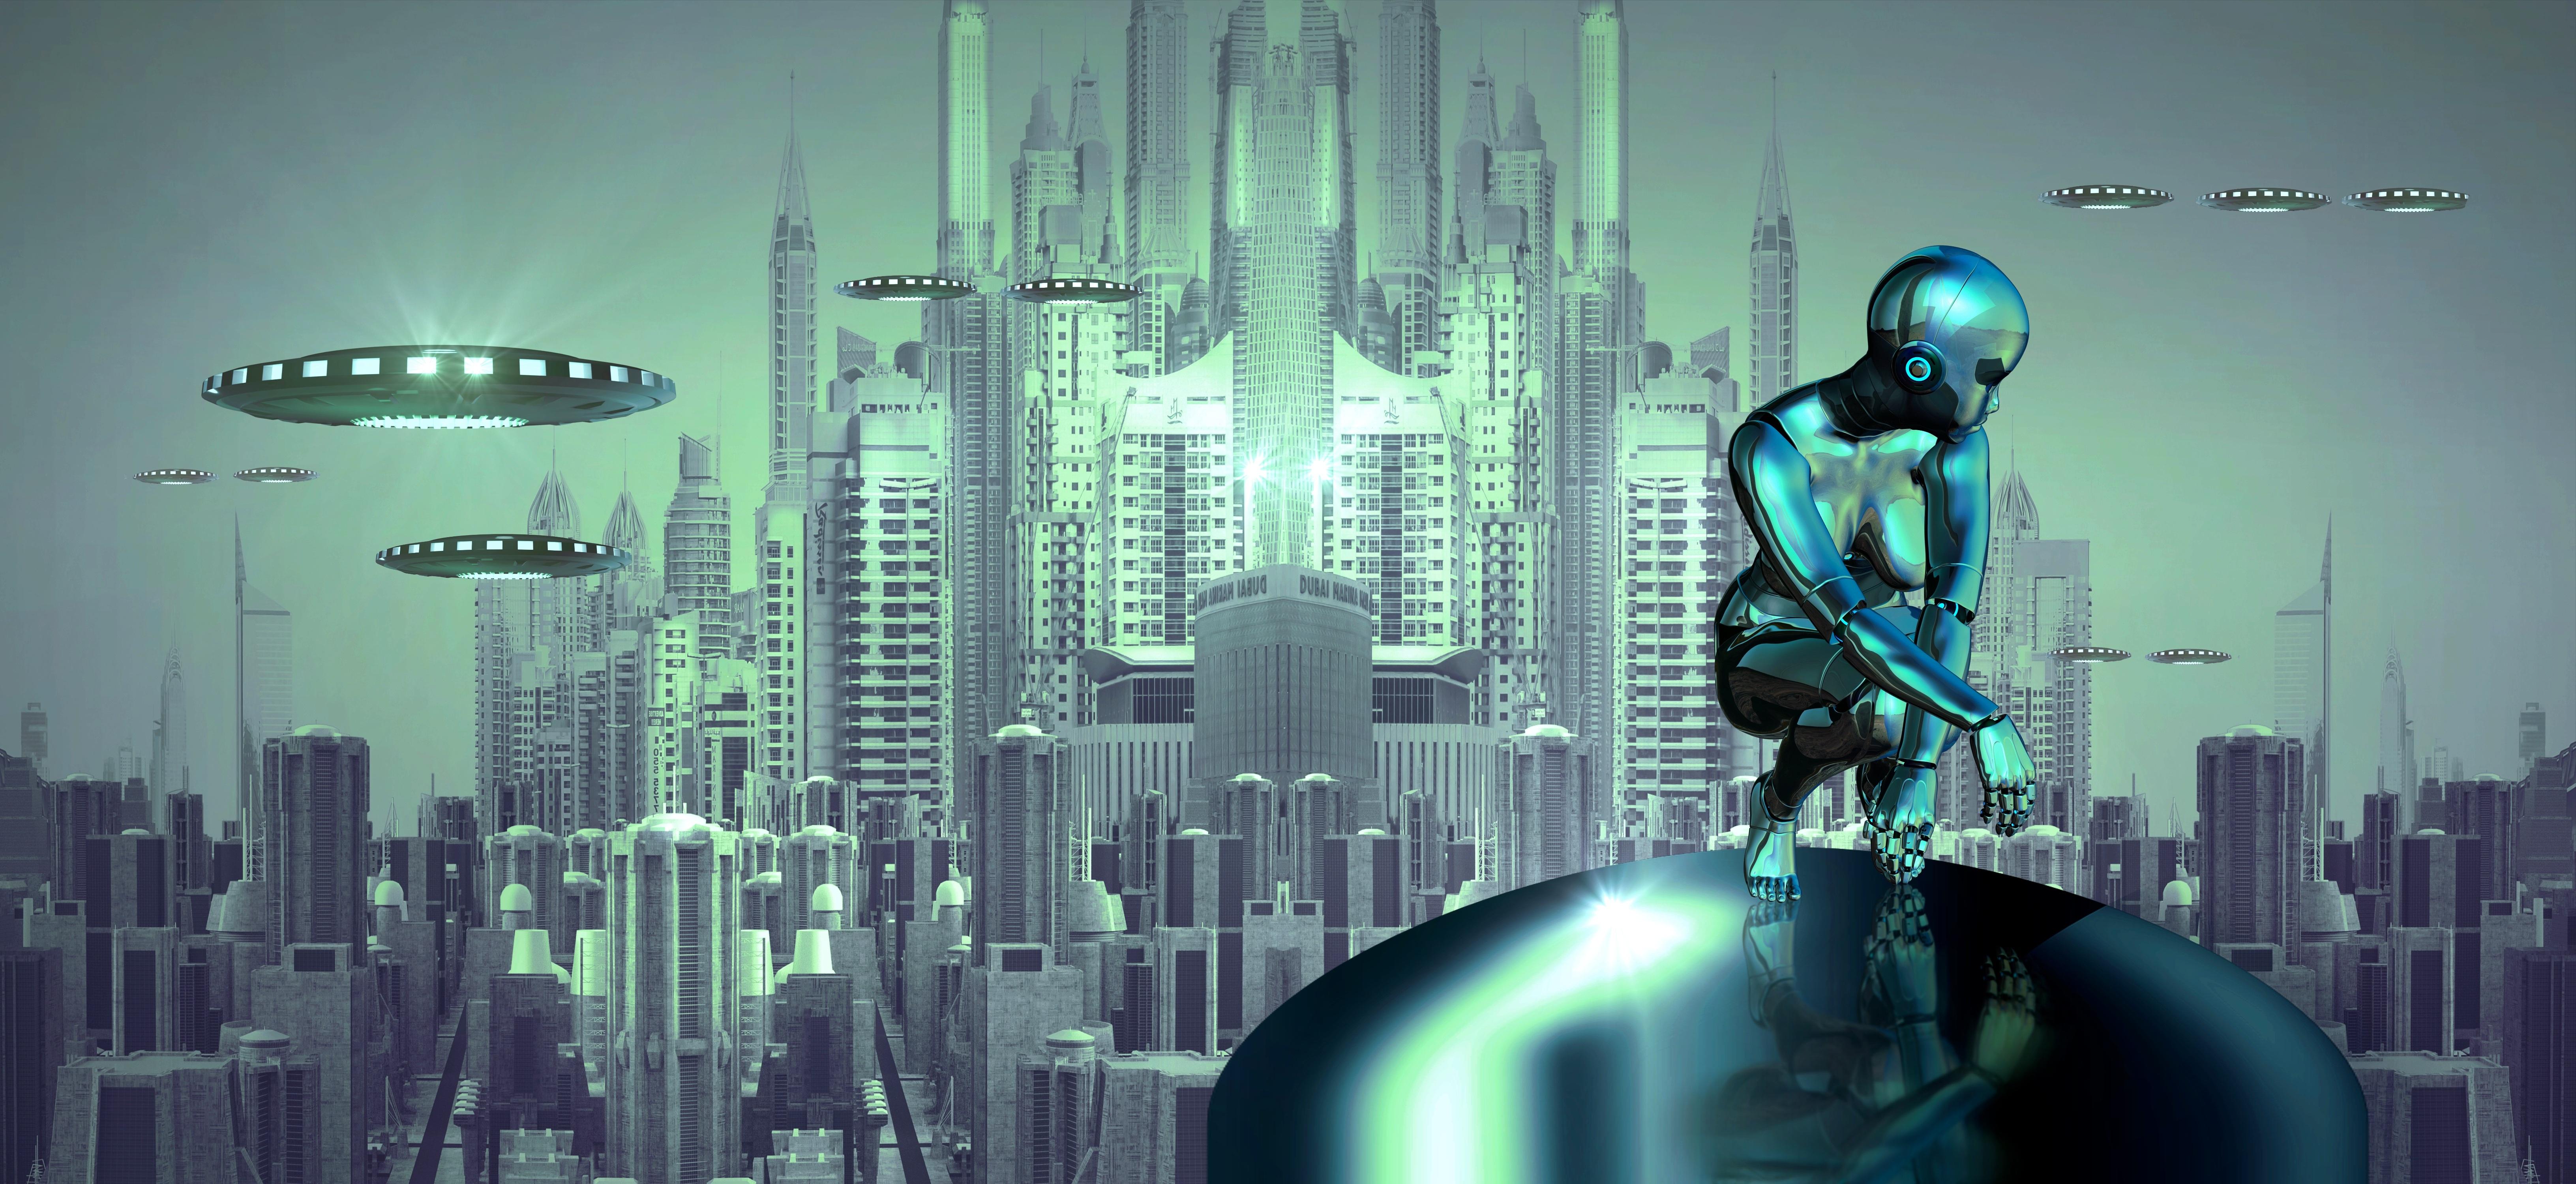 Alien Spacecraft Over The City 5k Retina Ultra Hd Wallpaper